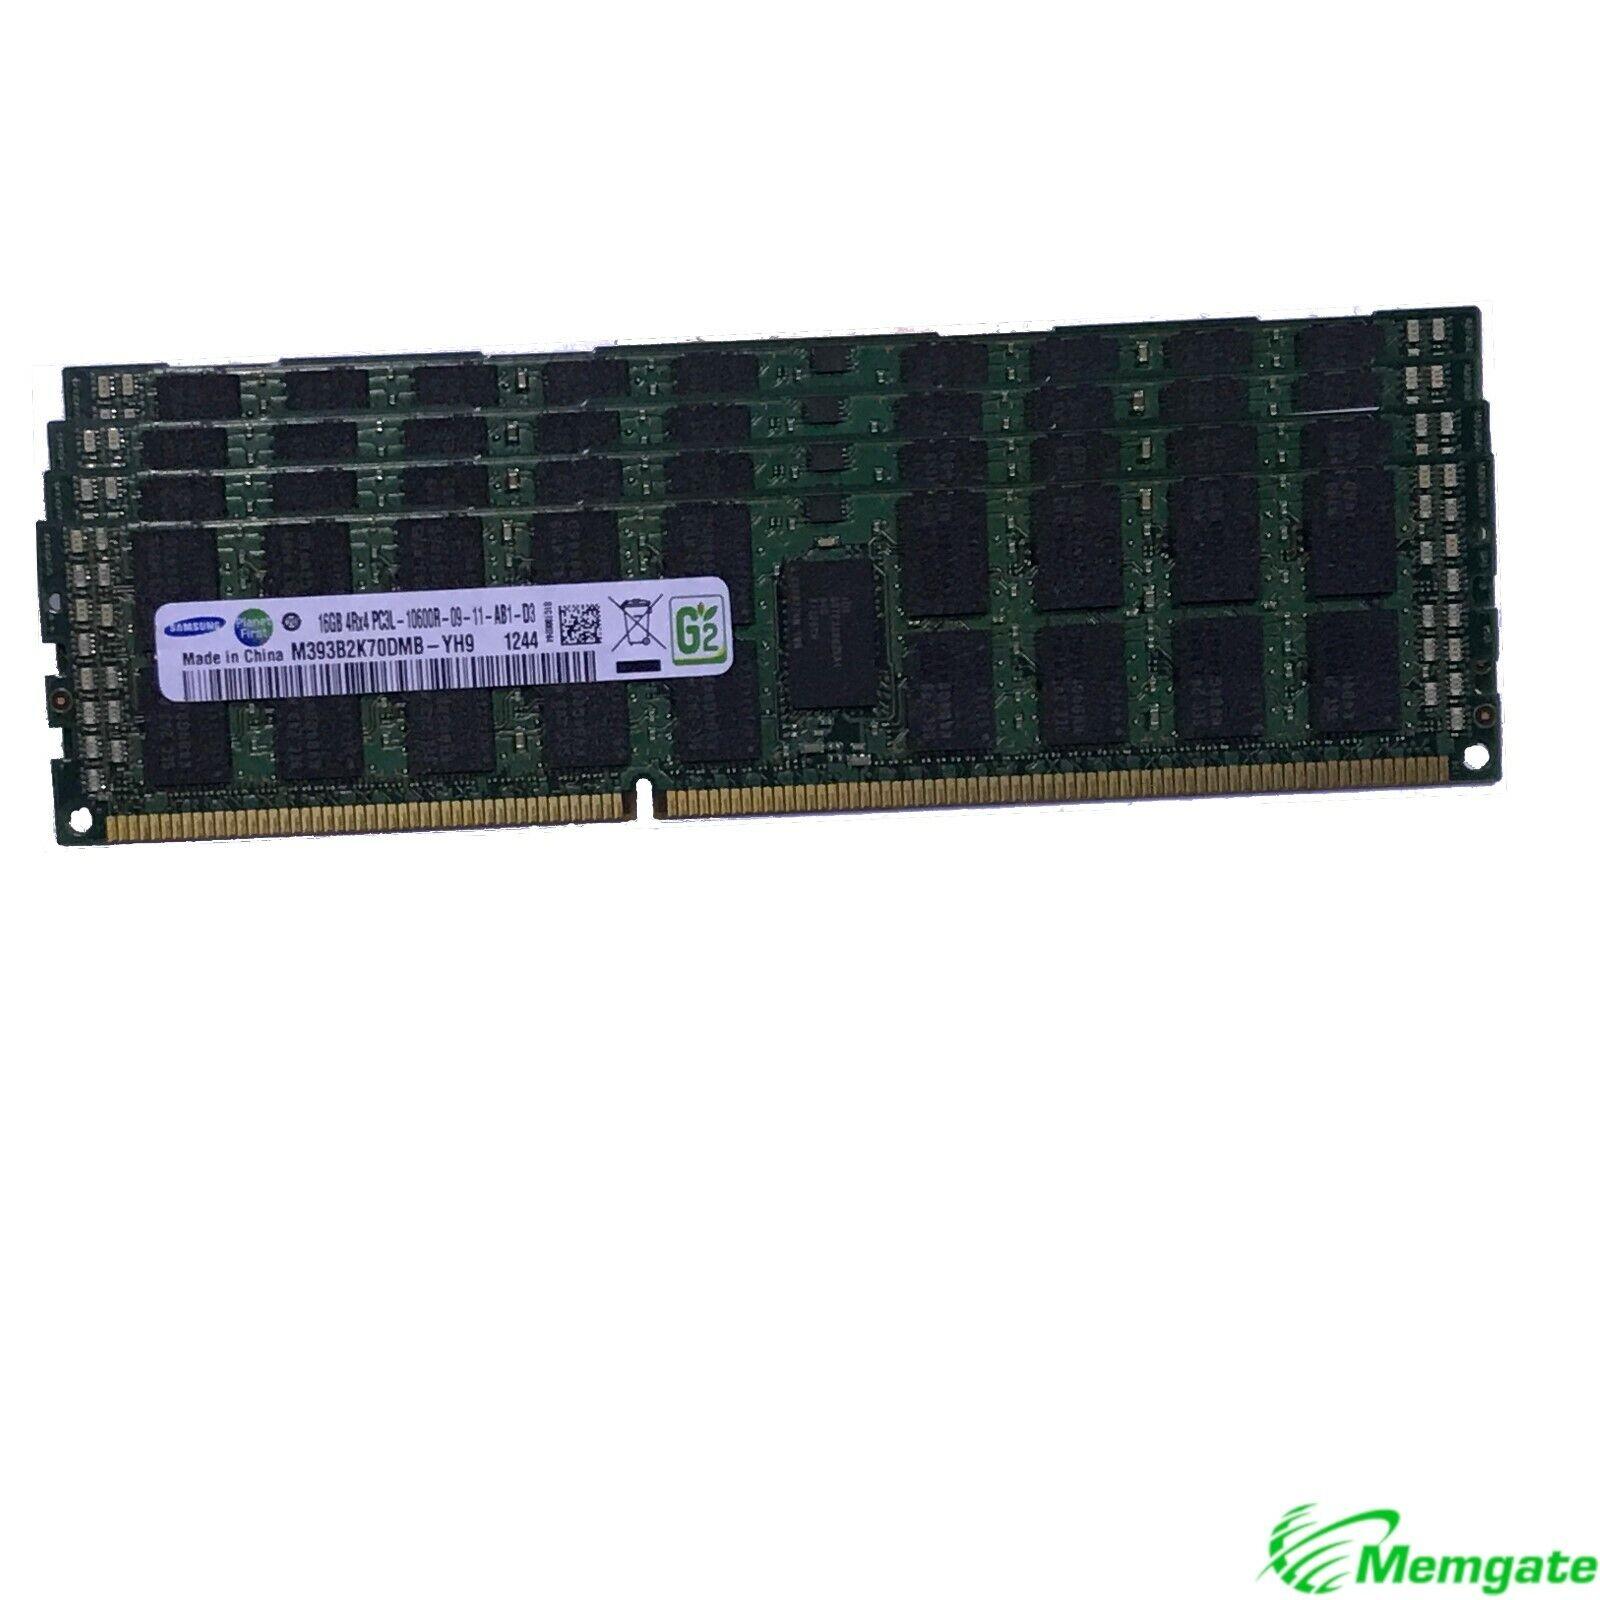 DDR3 PC3-8500R 4Rx4 ECC Reg Server Memory RAM Dell PowerEdge R320 96GB 6x16GB